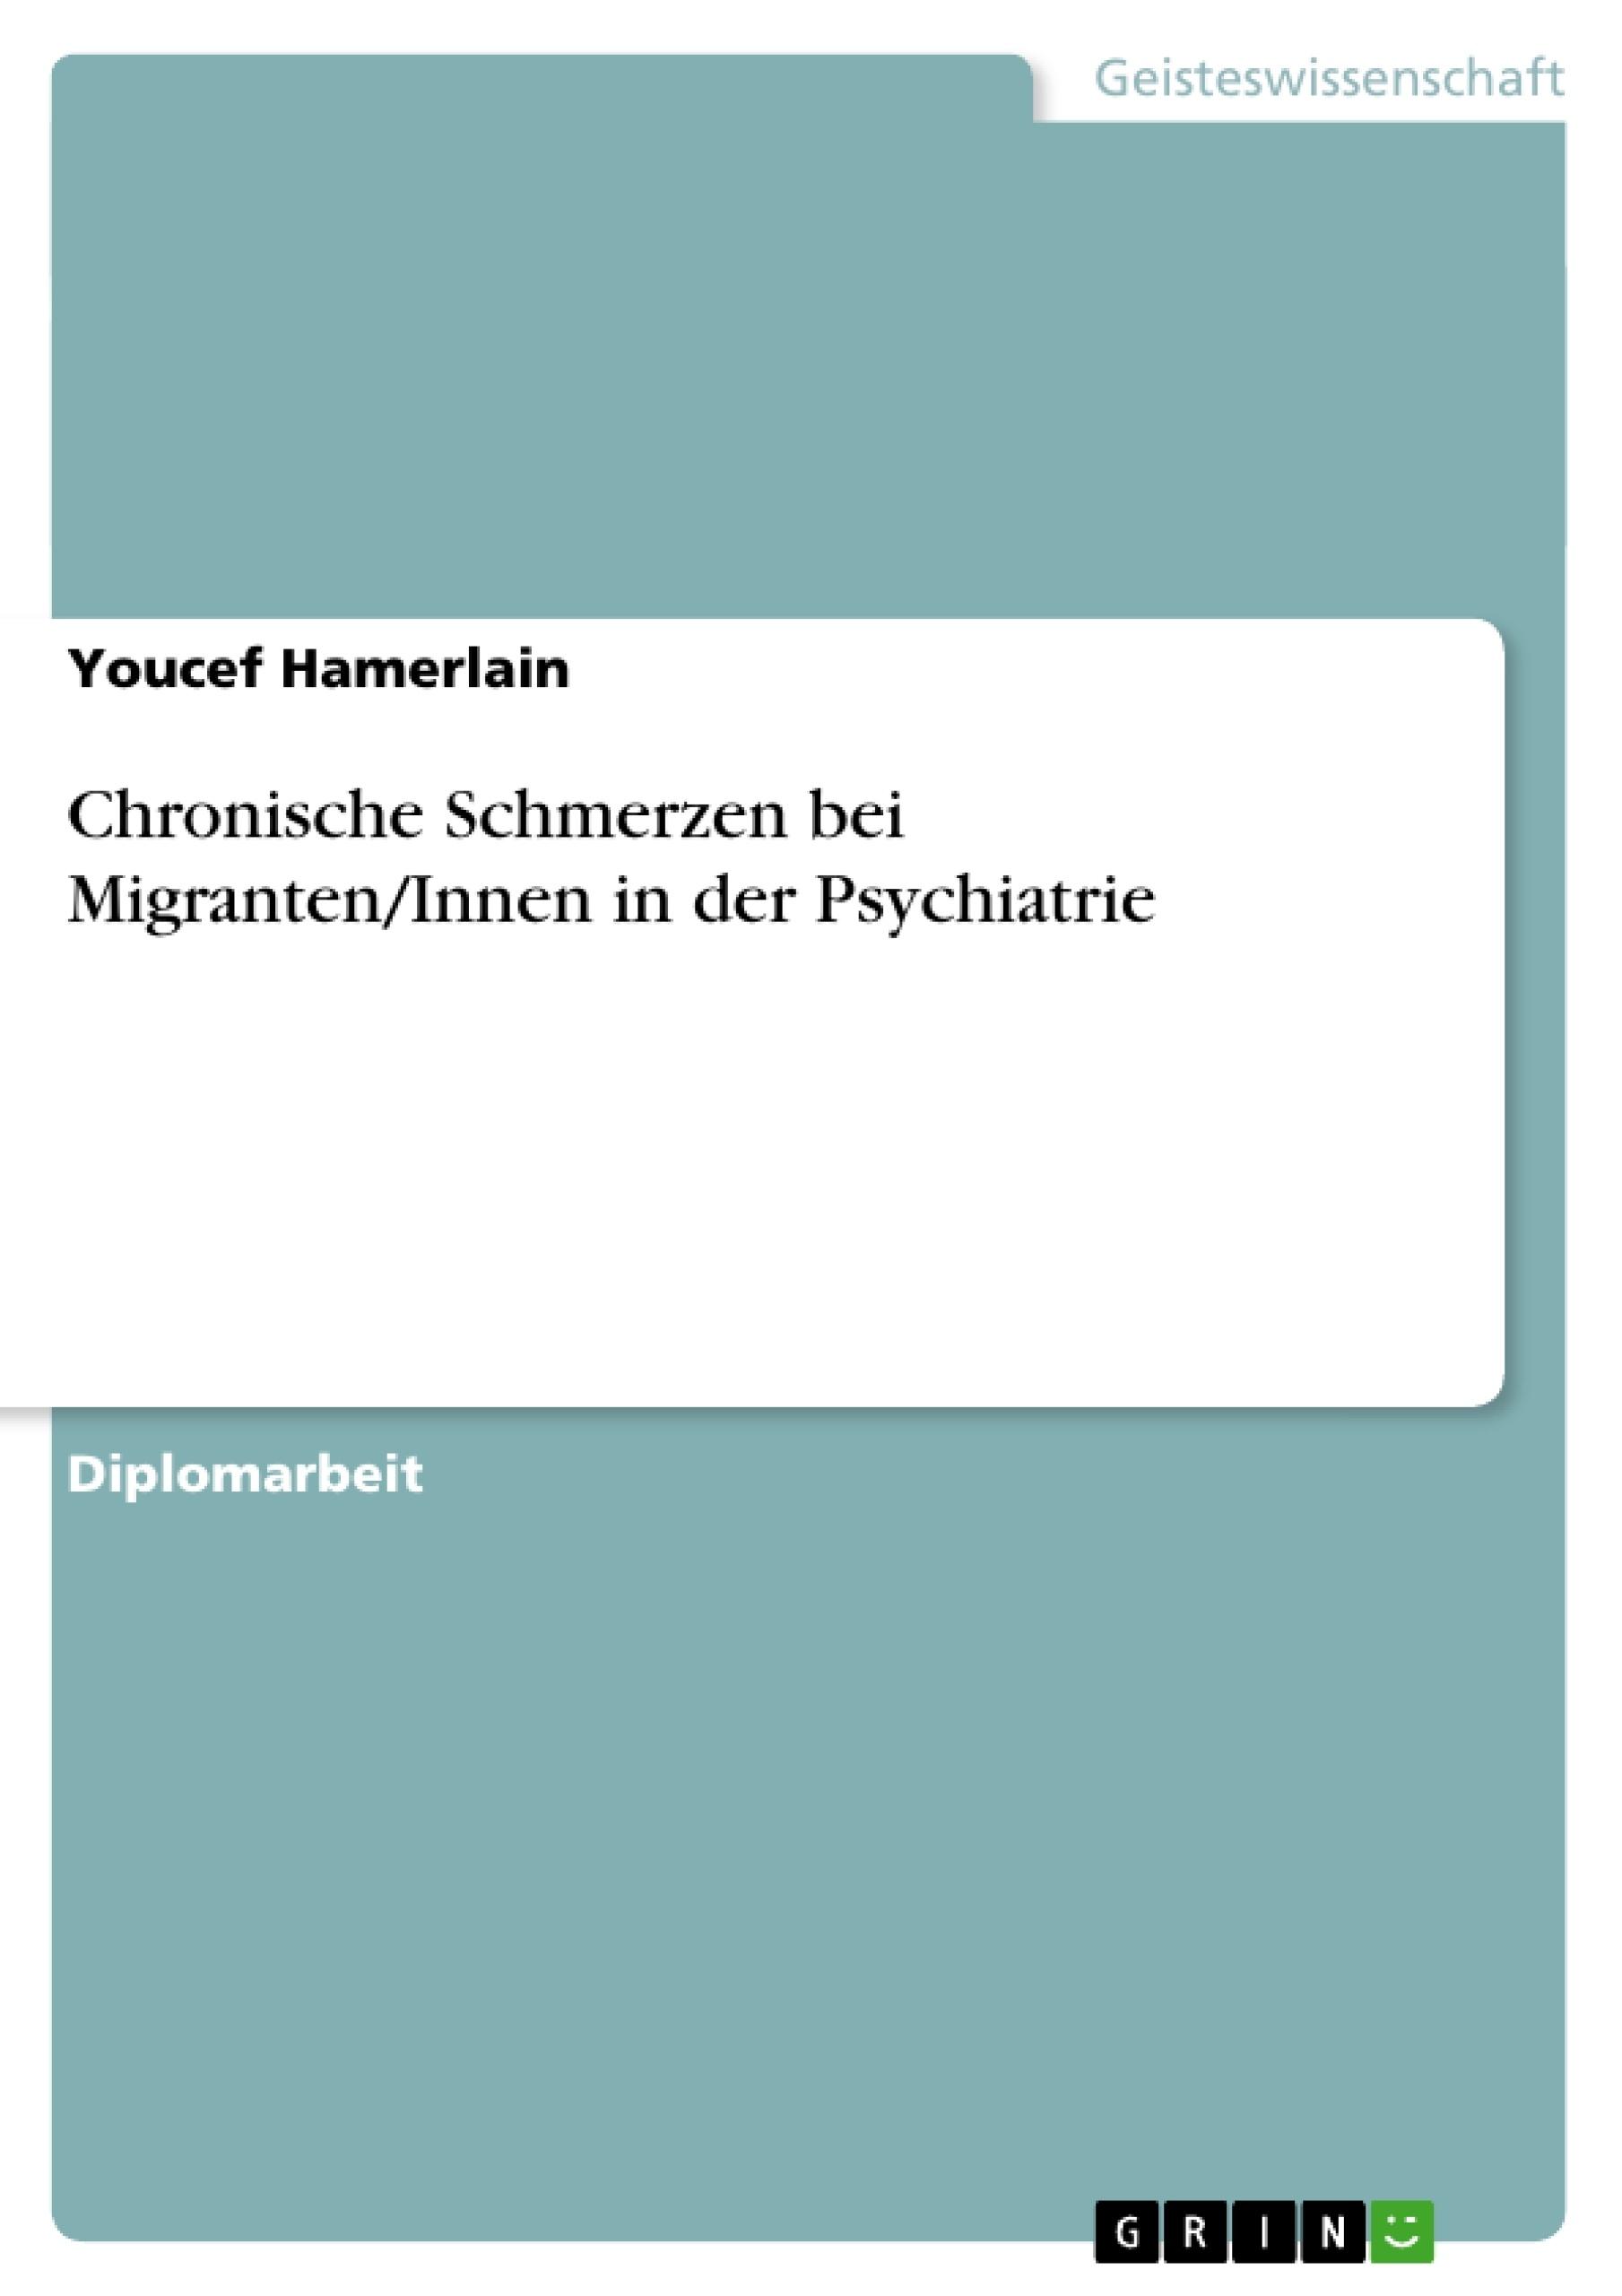 Titel: Chronische Schmerzen bei Migranten/Innen in der Psychiatrie